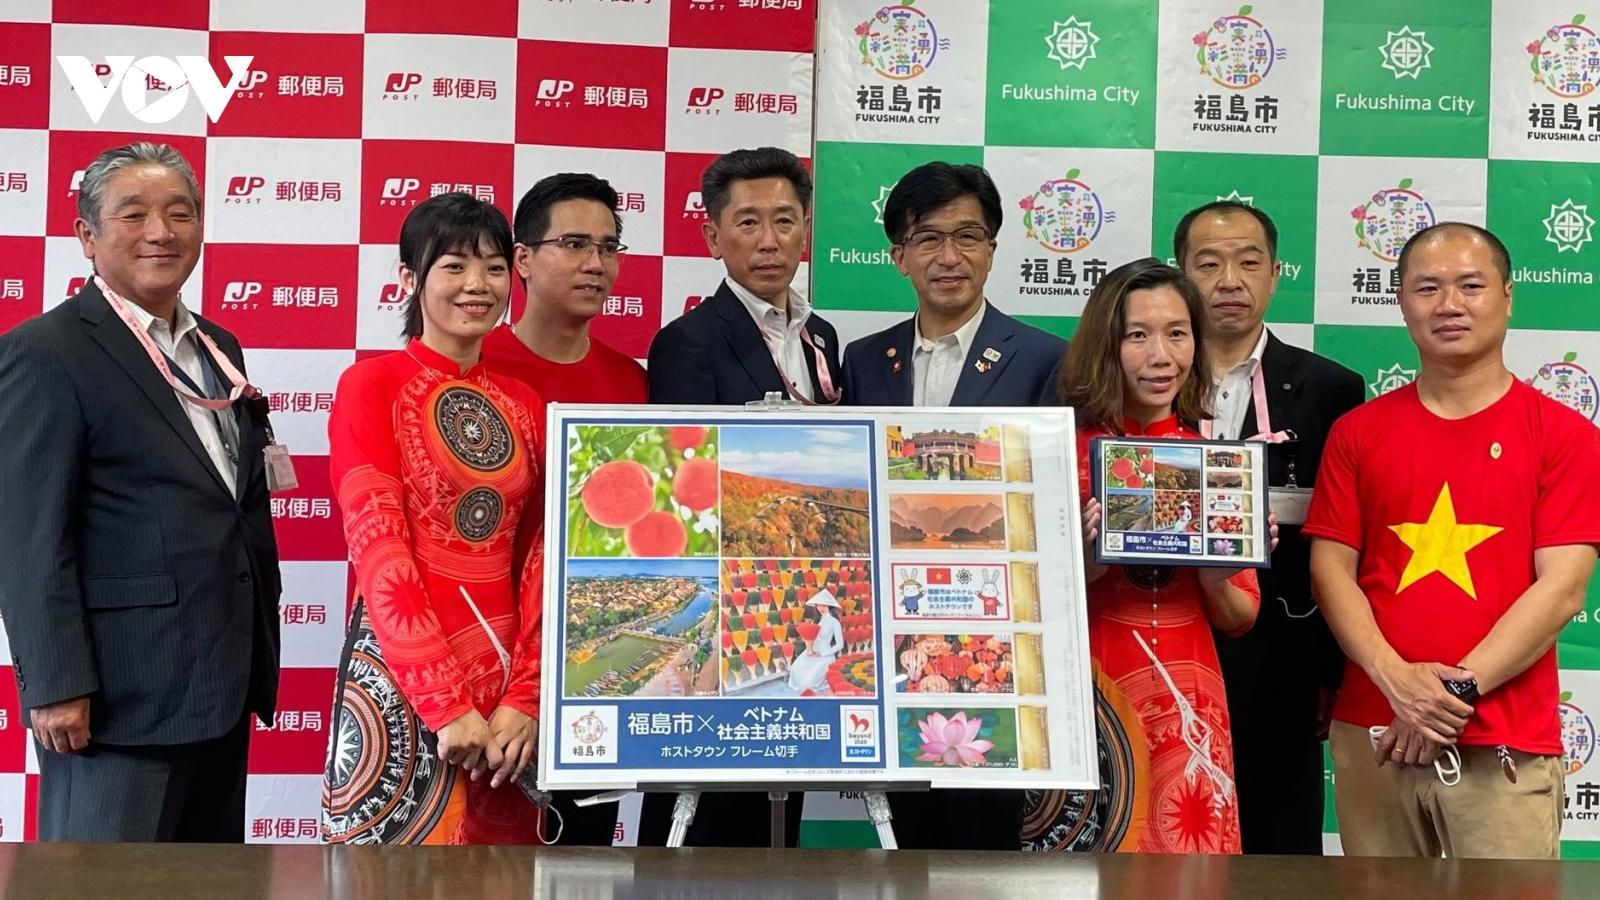 Thành phố Fukushima (Nhật Bản) phát hành bộ tem cổ vũ vận động viên Việt Nam